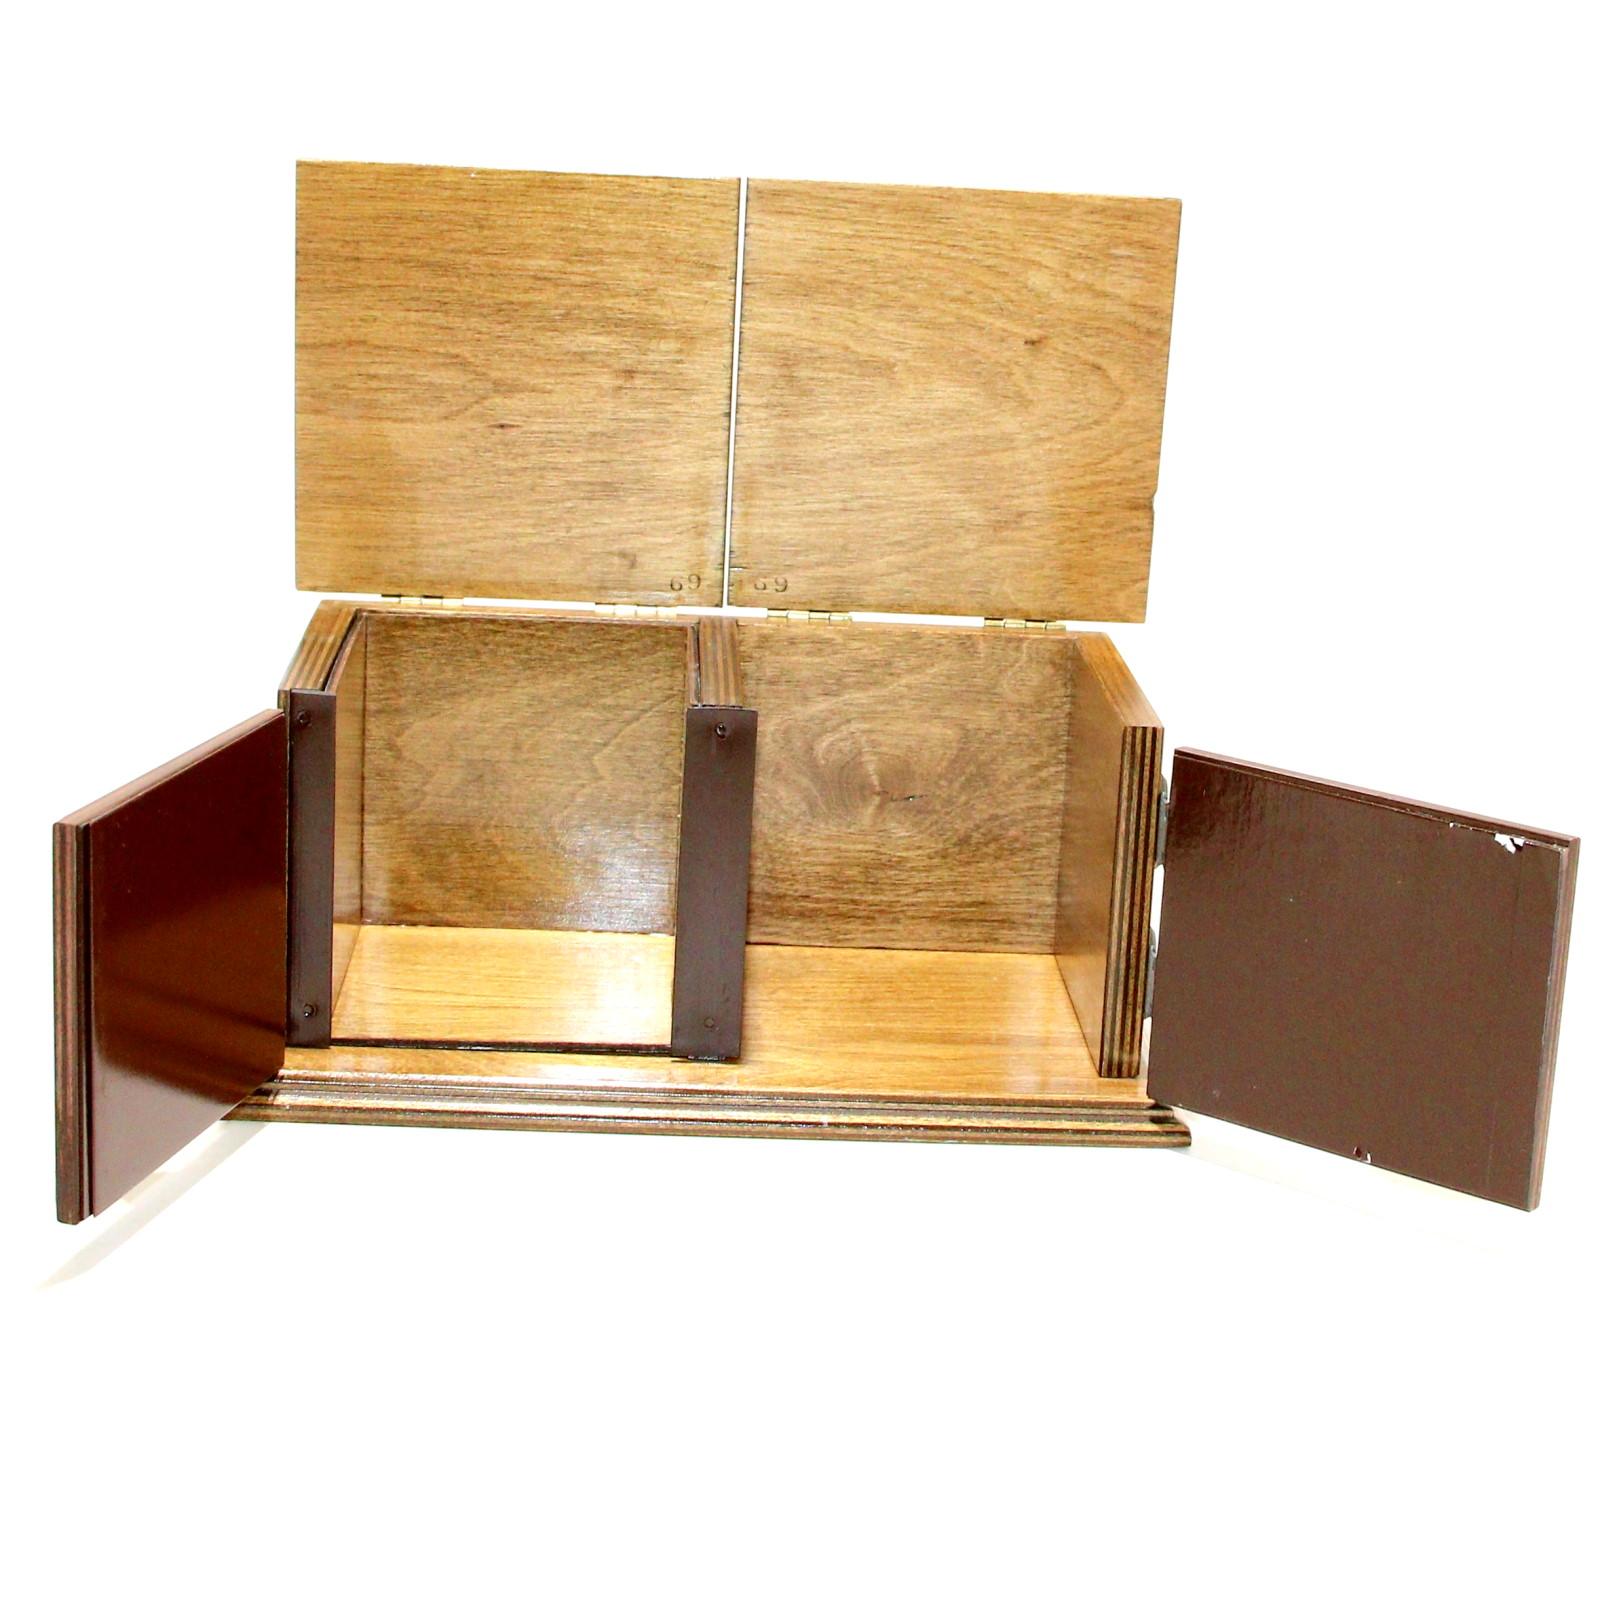 Jumbo Die Box by Delben